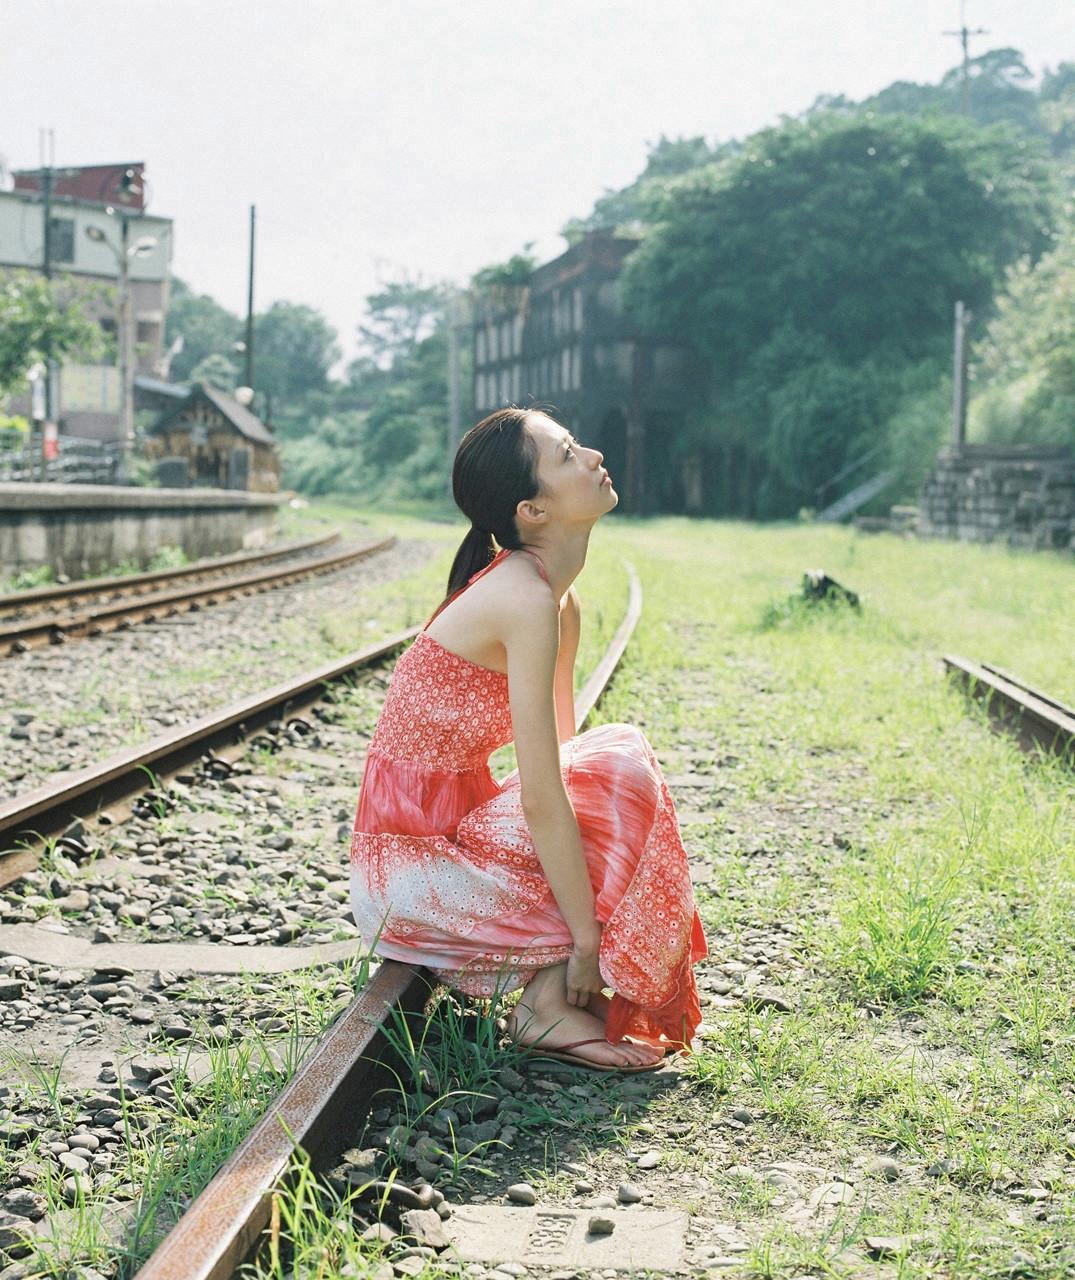 逢沢りな「さよなら、美少女」グラビア 09-07